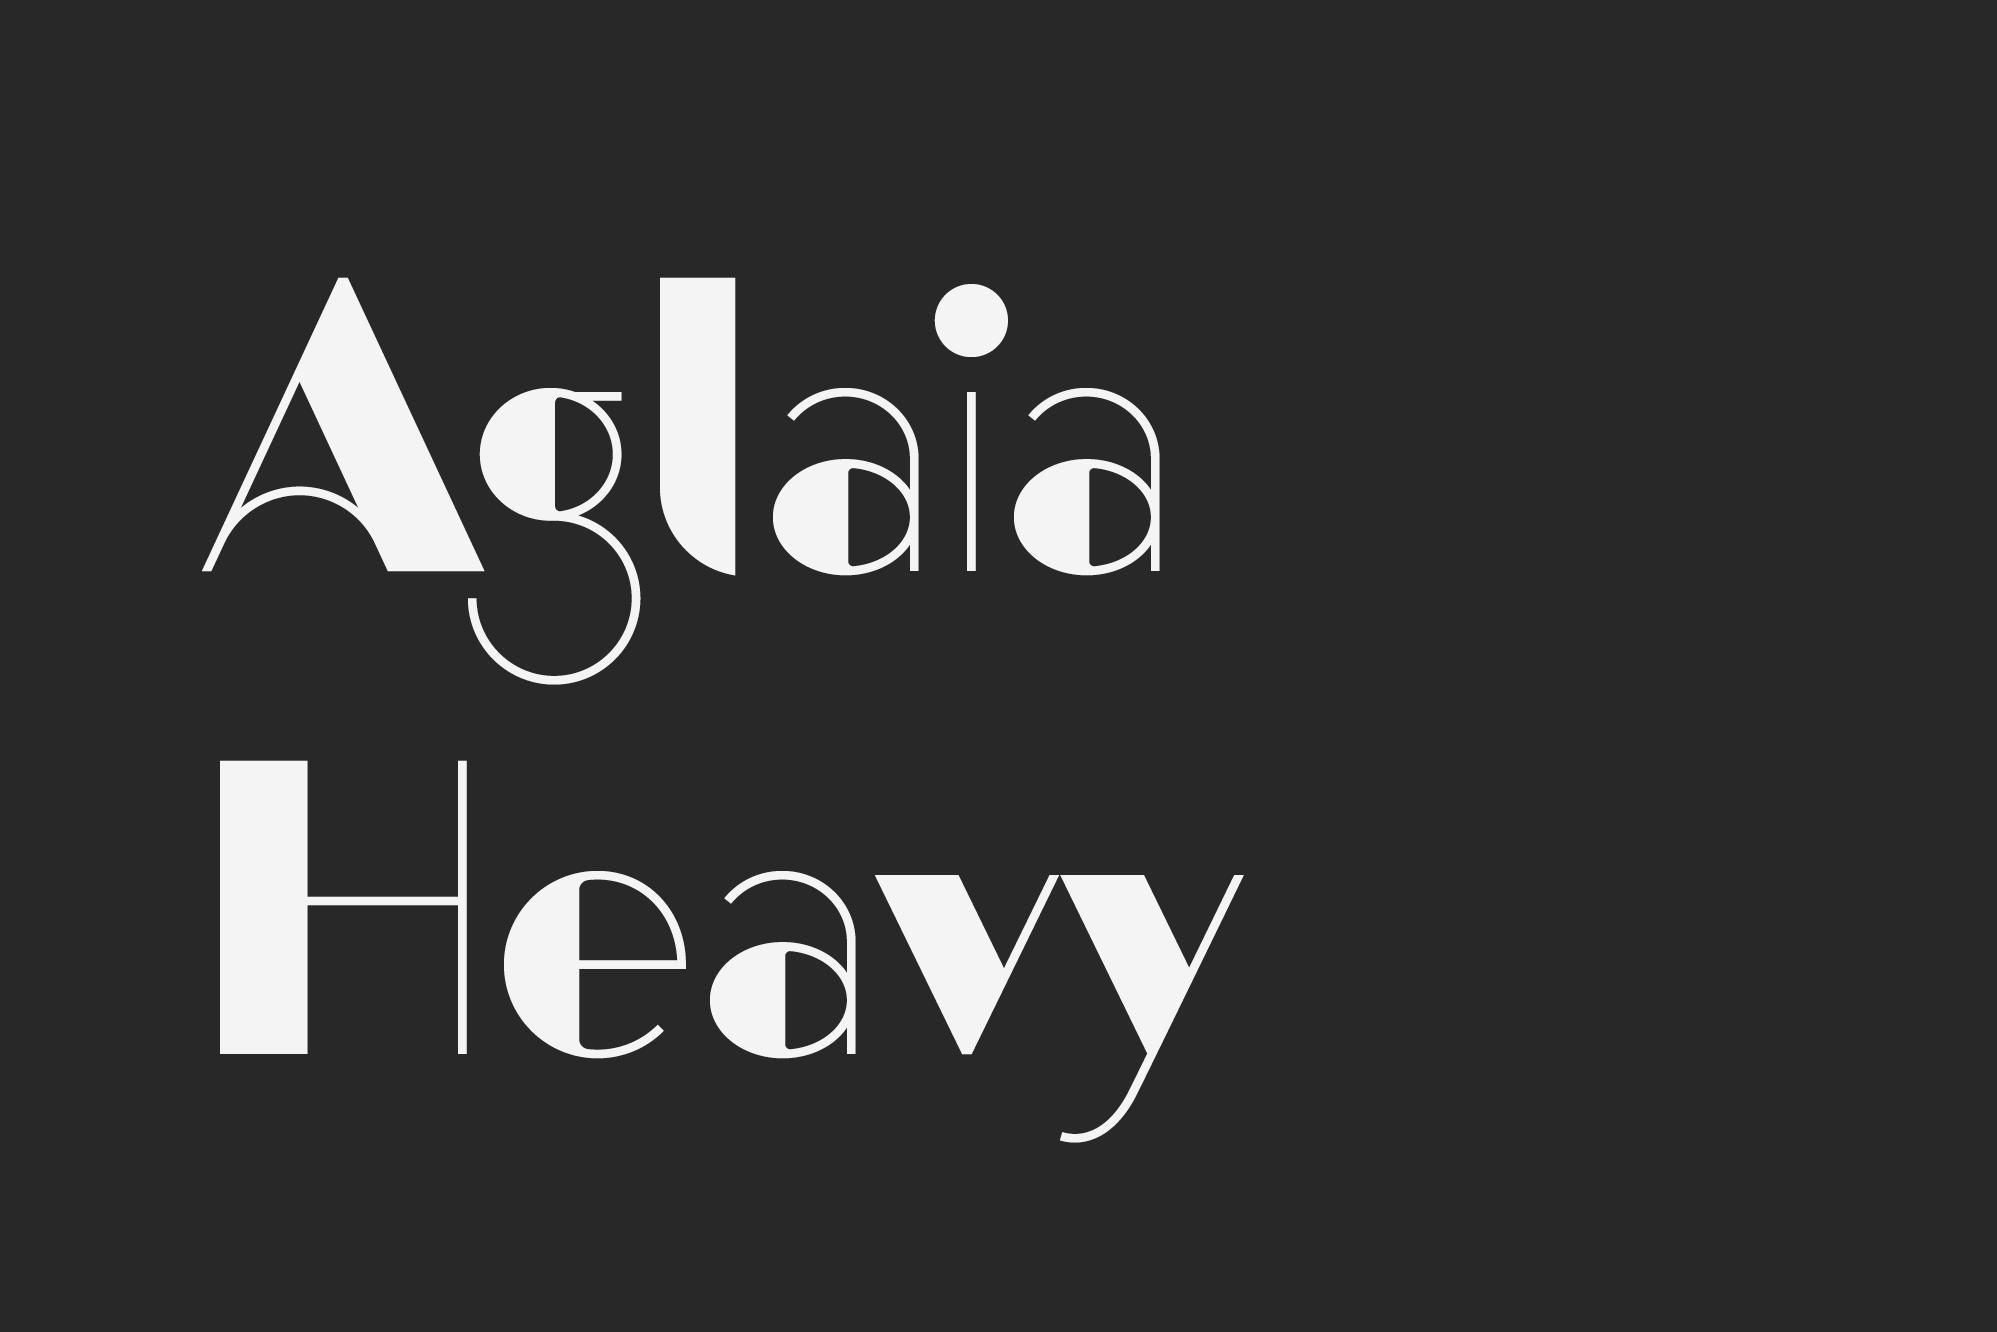 Aglaia-Heavy